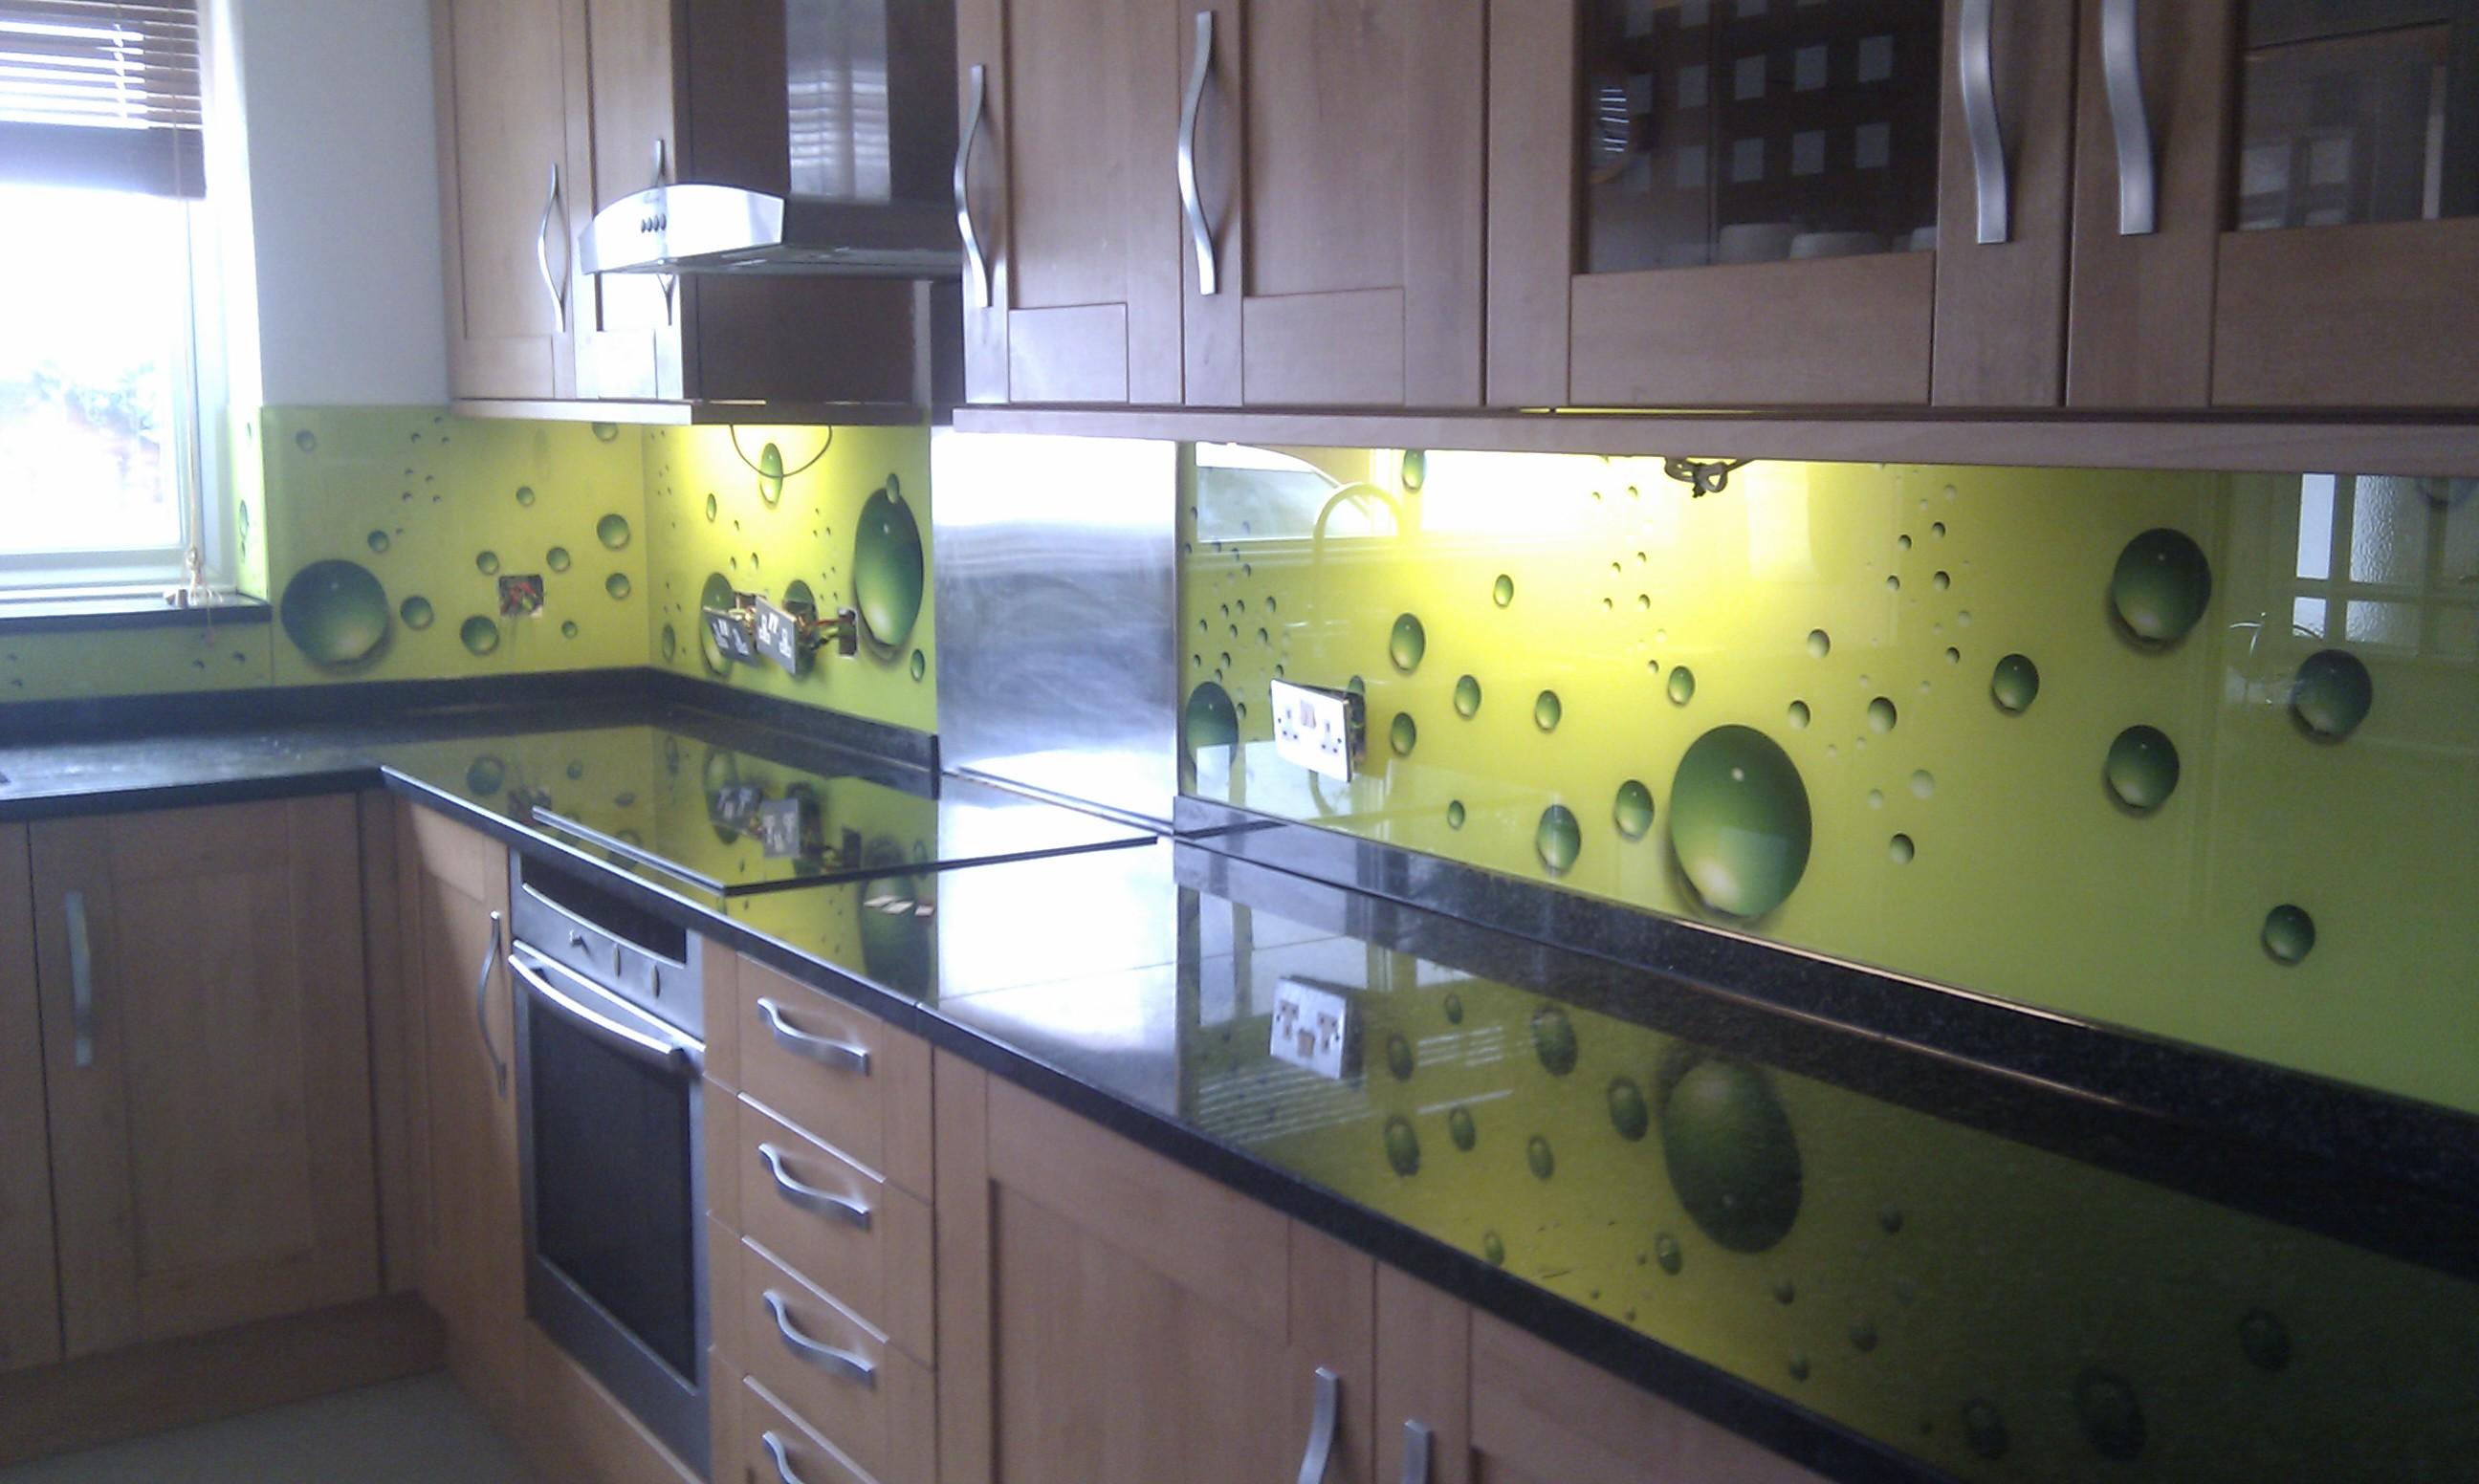 glass splashbacks for kitchens  Glass Splashbacks